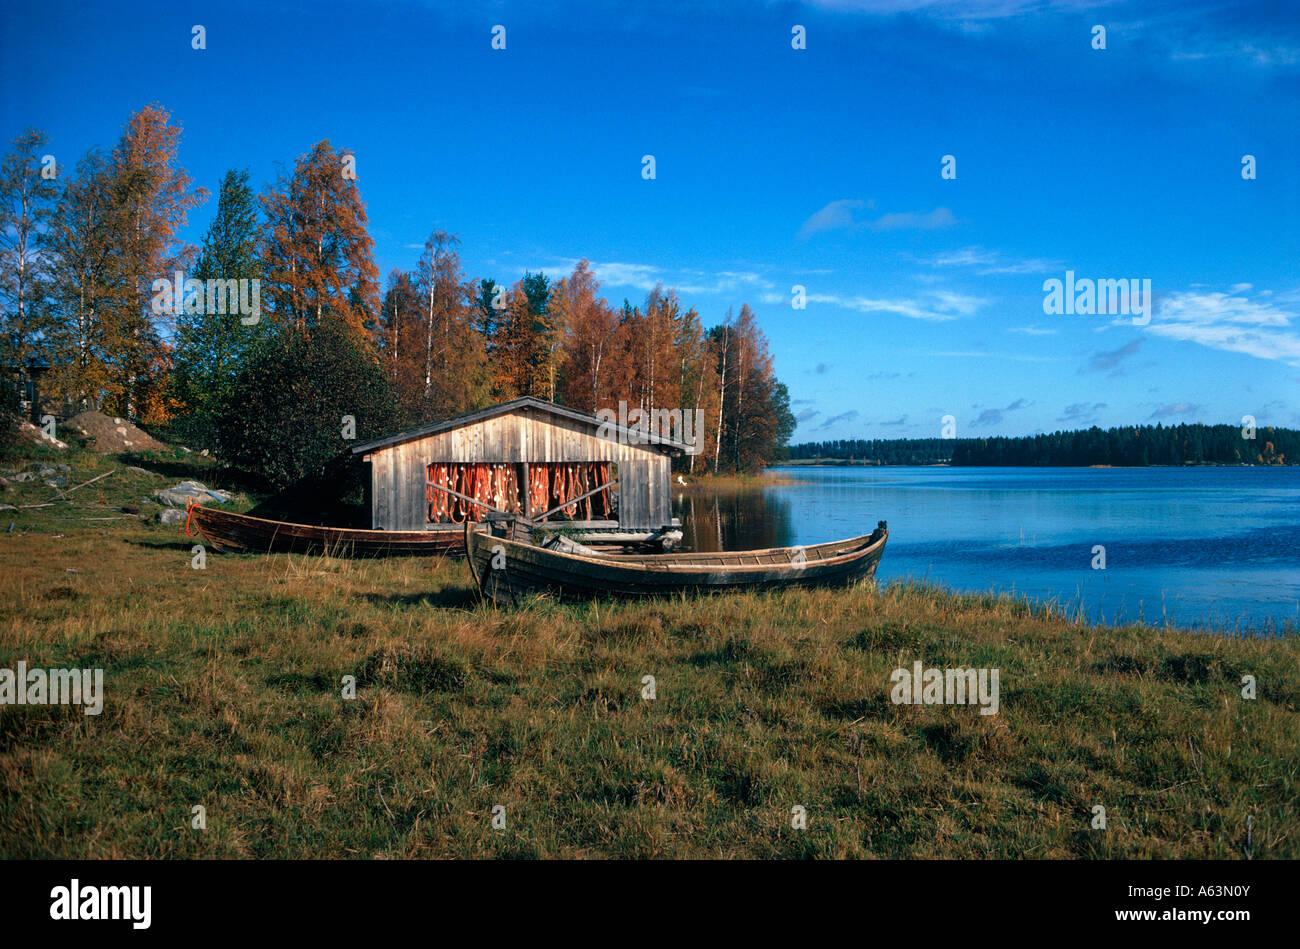 Freizeit Ferienhaus am See in der Nähe Stadt Muonio Region Lappland Finnland Stockbild